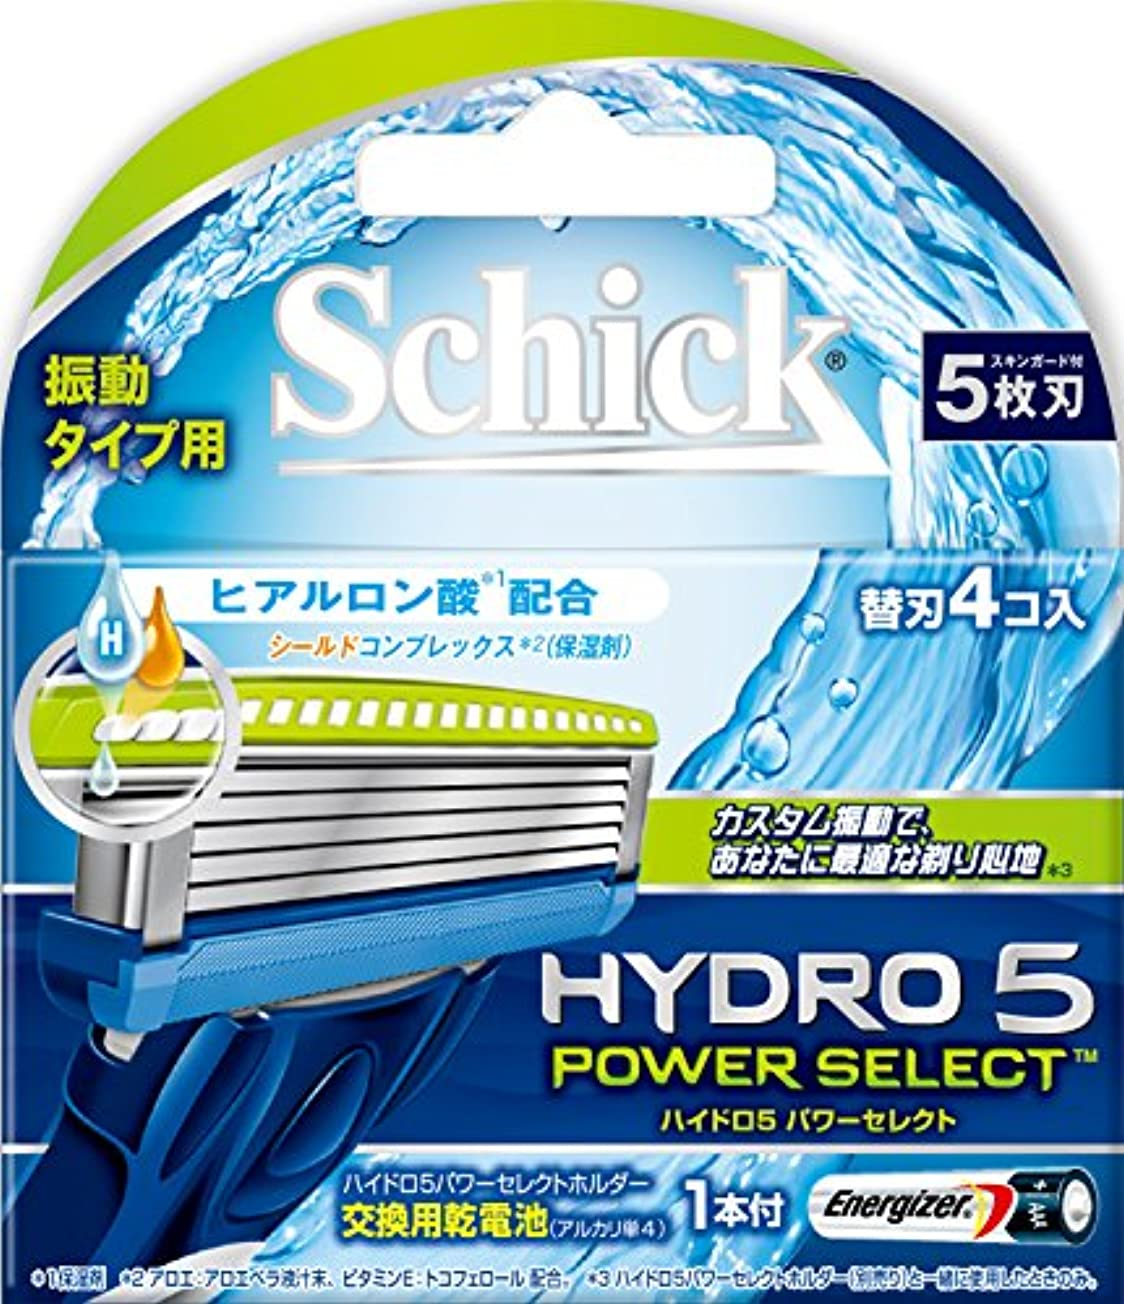 時々現代買うシック ハイドロ5 パワーセレクト 替刃 4コ入